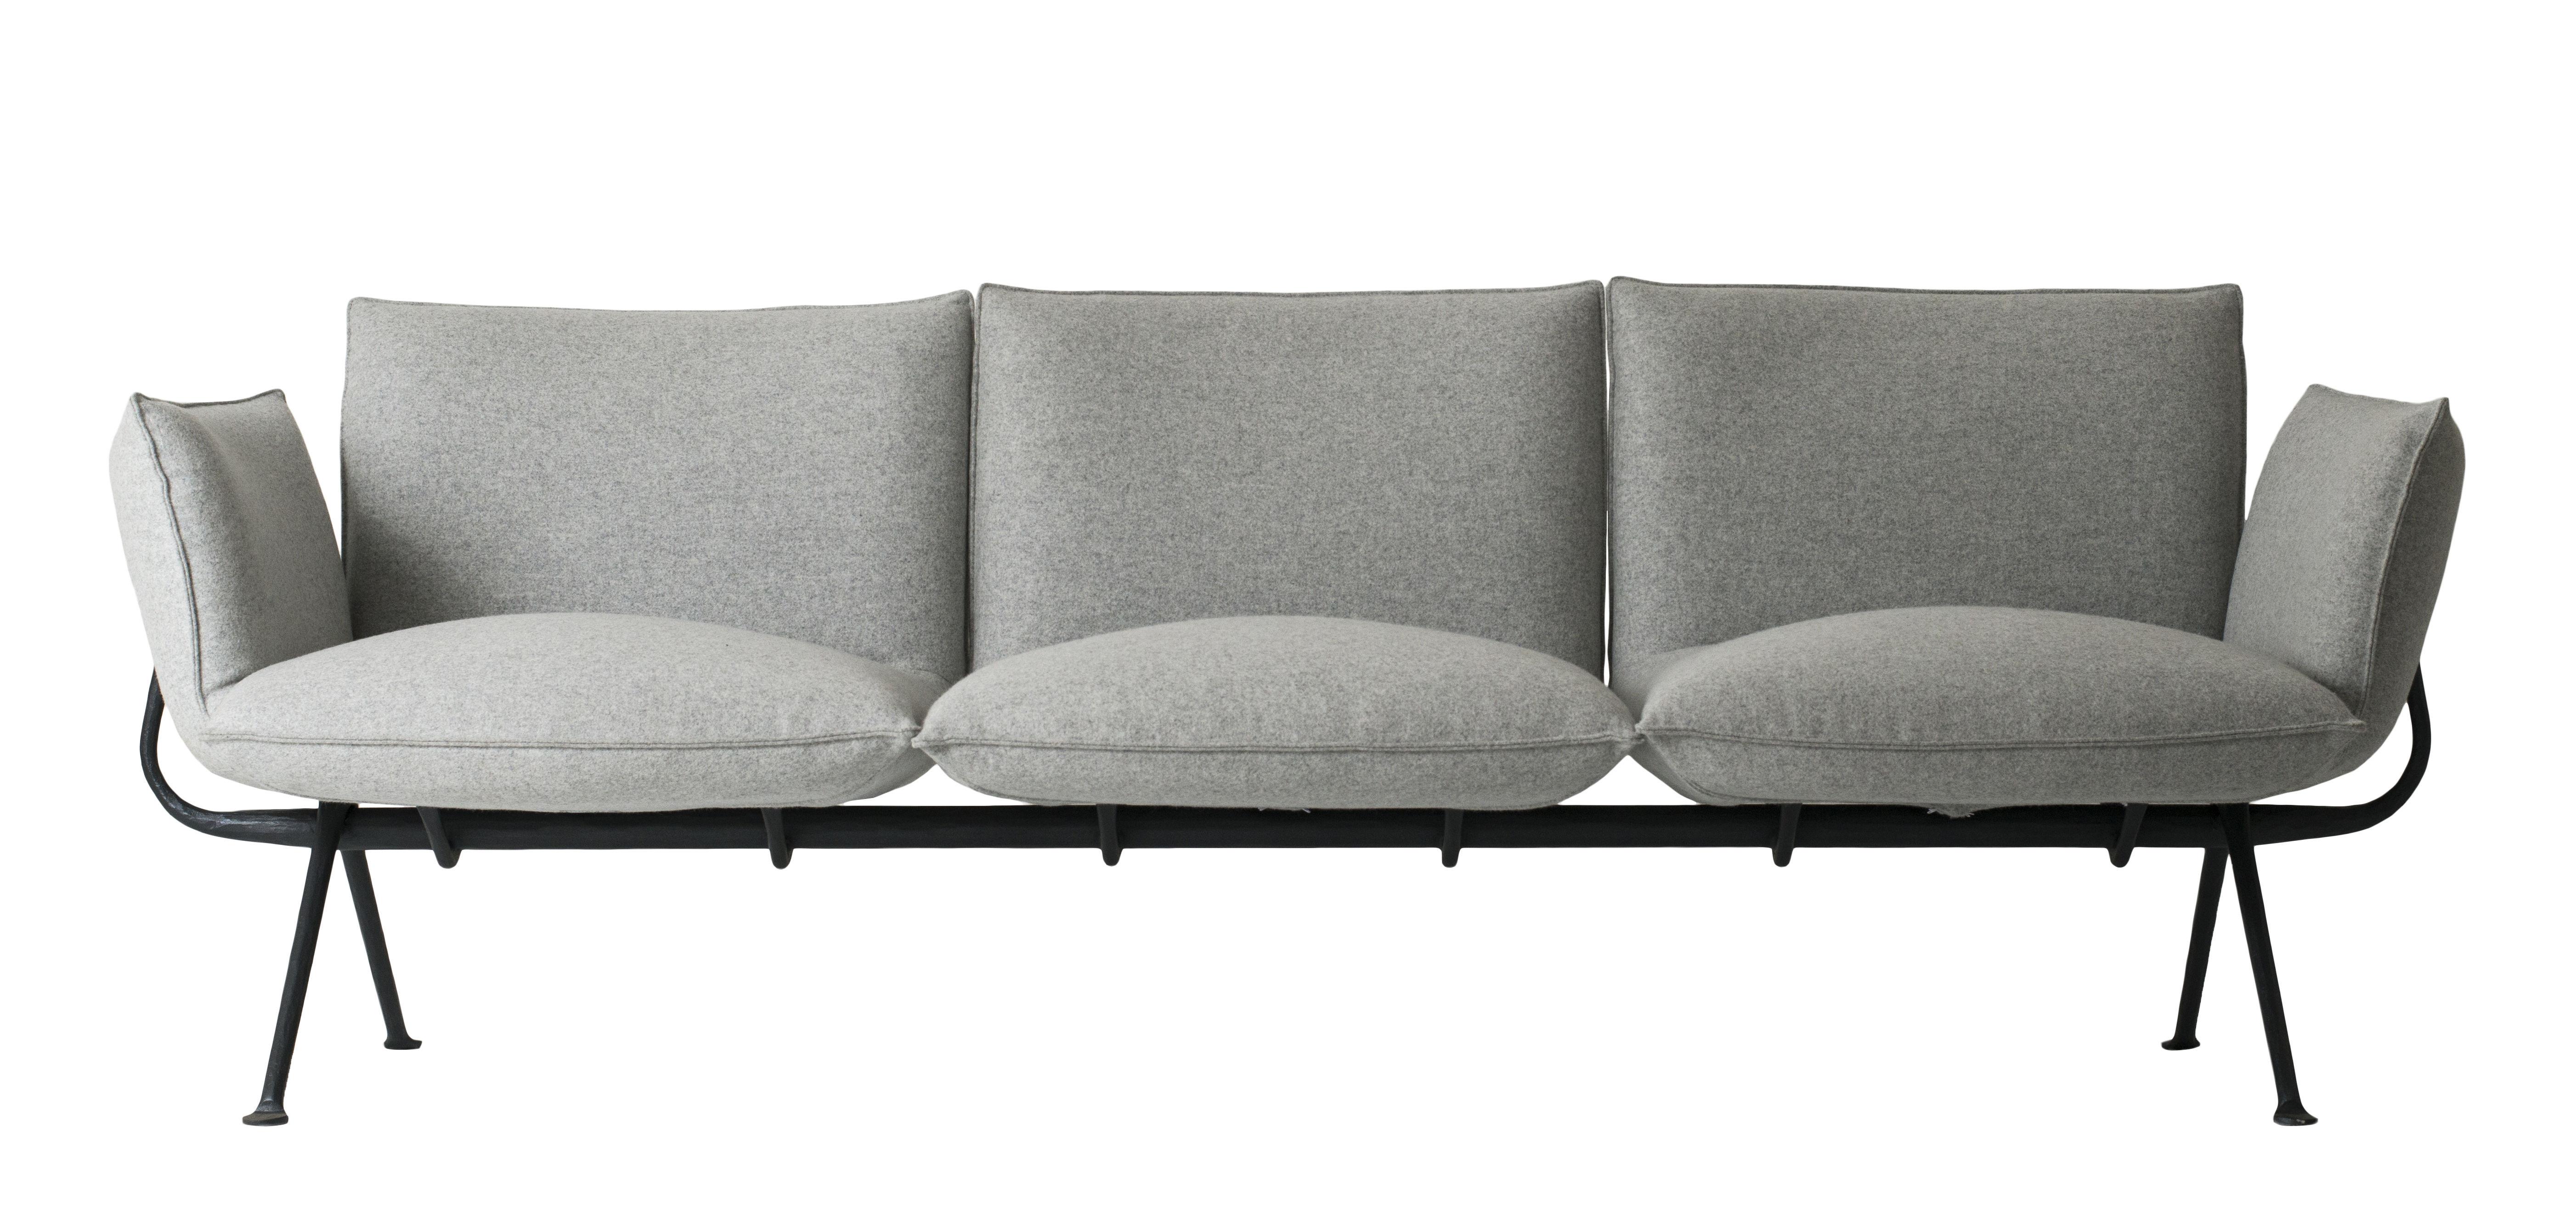 canap droit officina 3 places tissu l 213 cm tissu gris clair structure noire magis. Black Bedroom Furniture Sets. Home Design Ideas